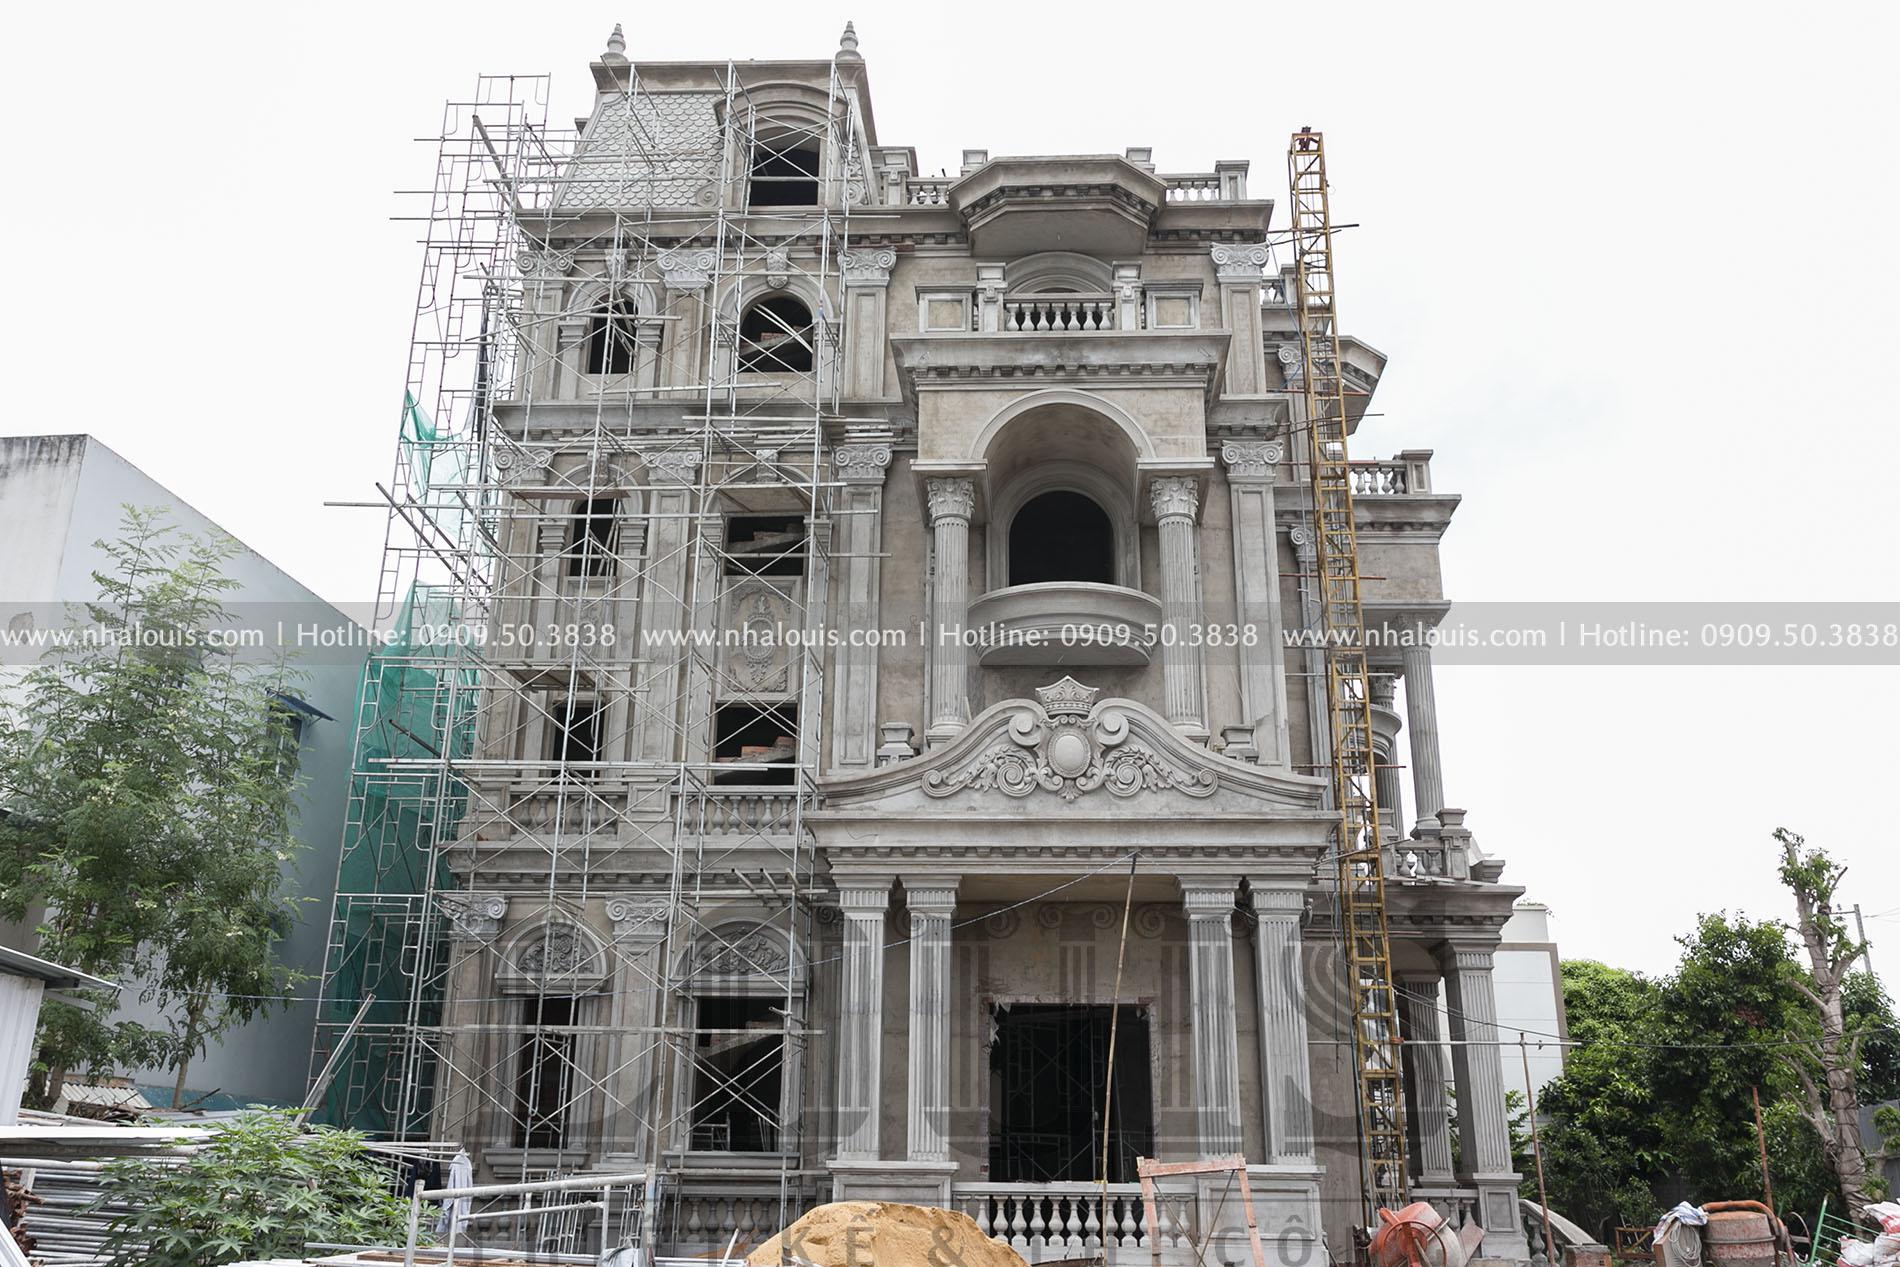 Thi công biệt thự châu Âu cổ điển đẳng cấp tại Nhà Bè